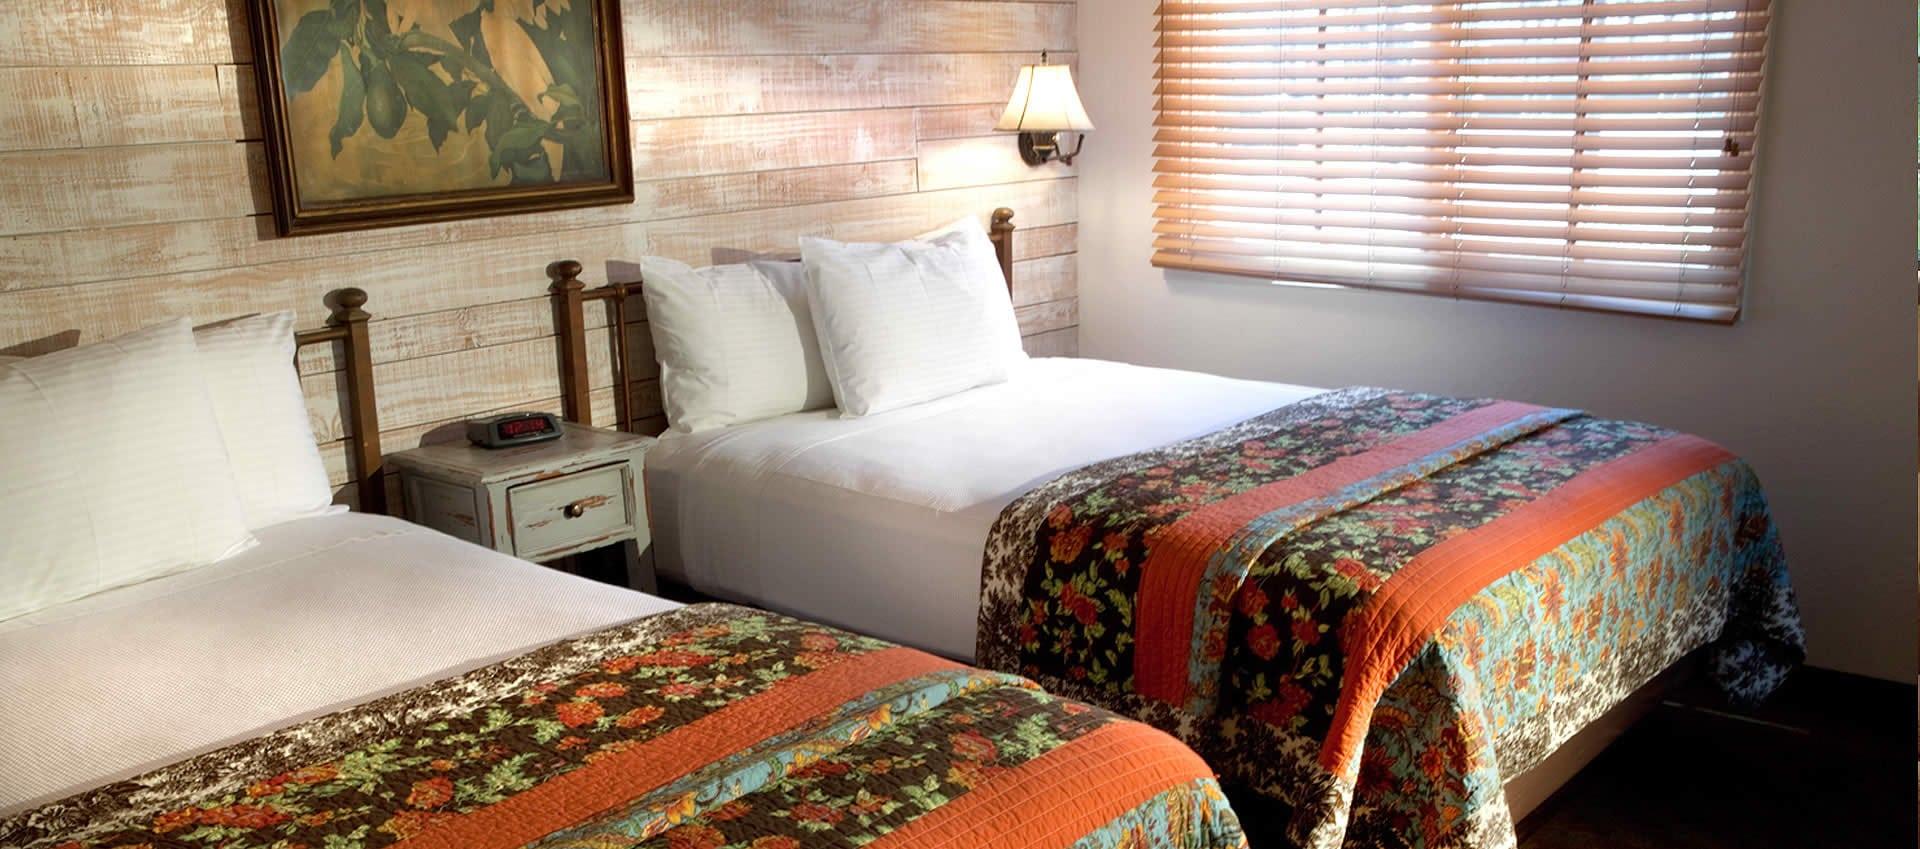 Double Queen Room beds